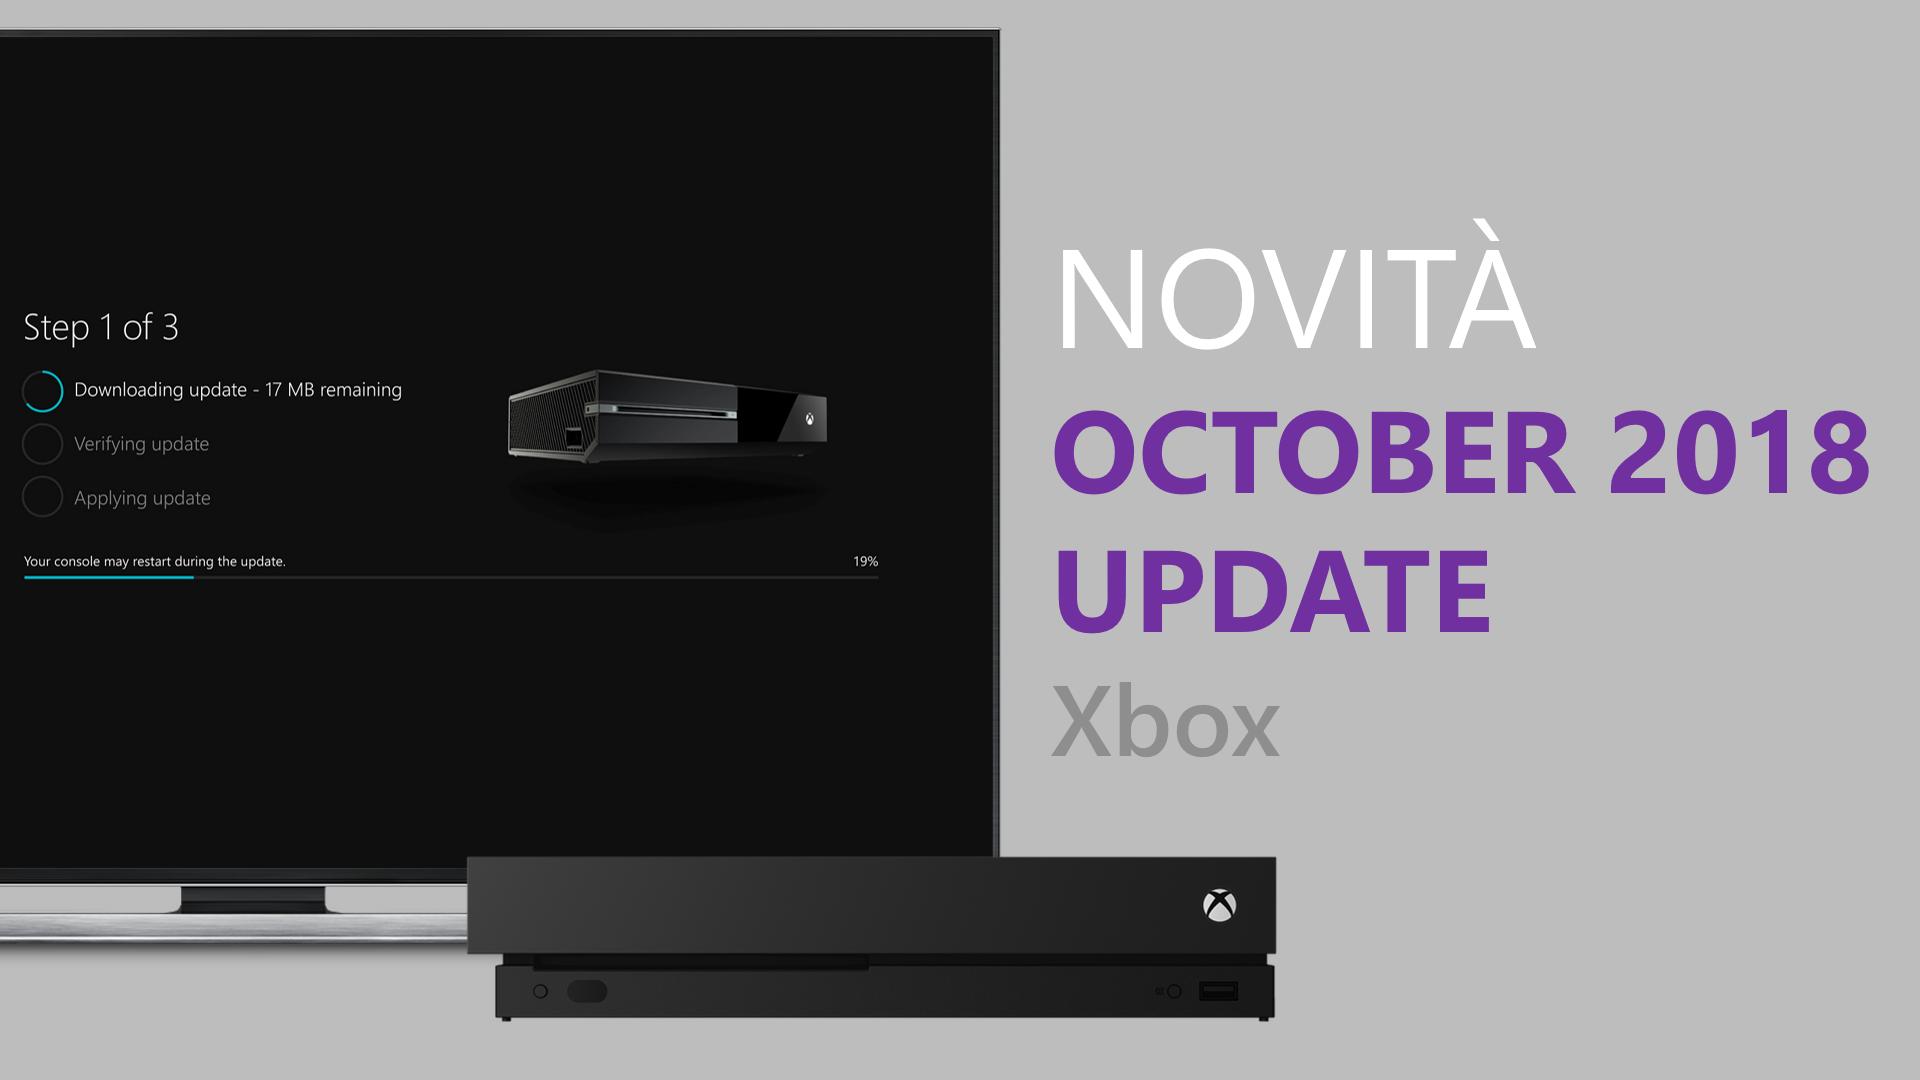 Xbox October 2018 Update